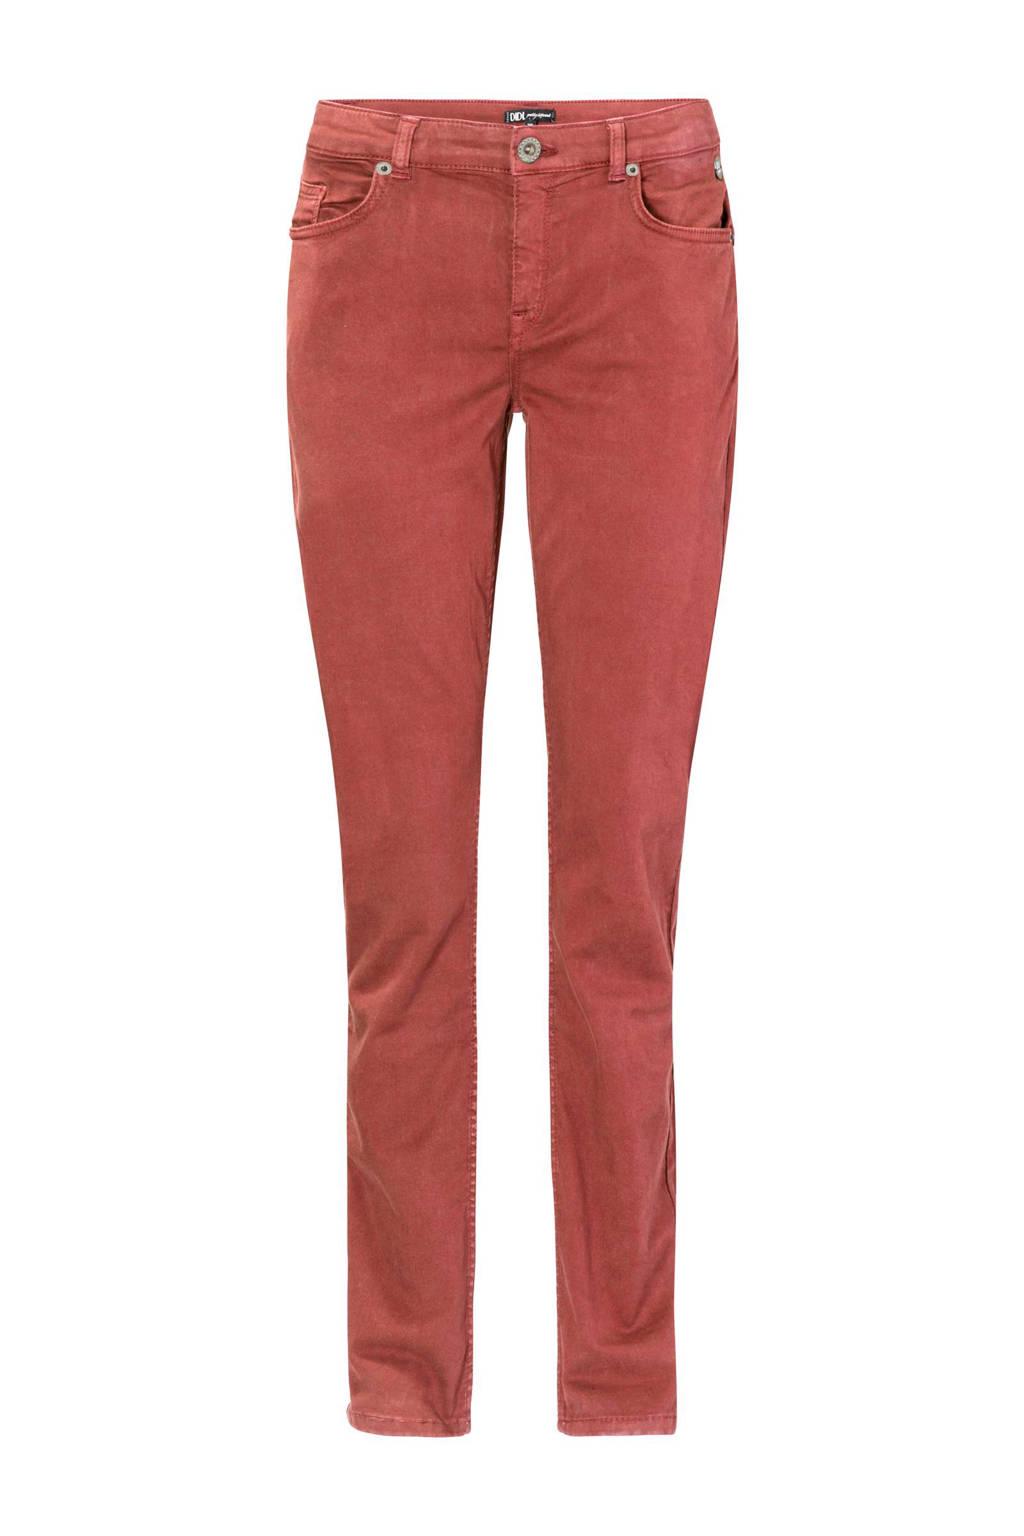 Didi jeans, Brique